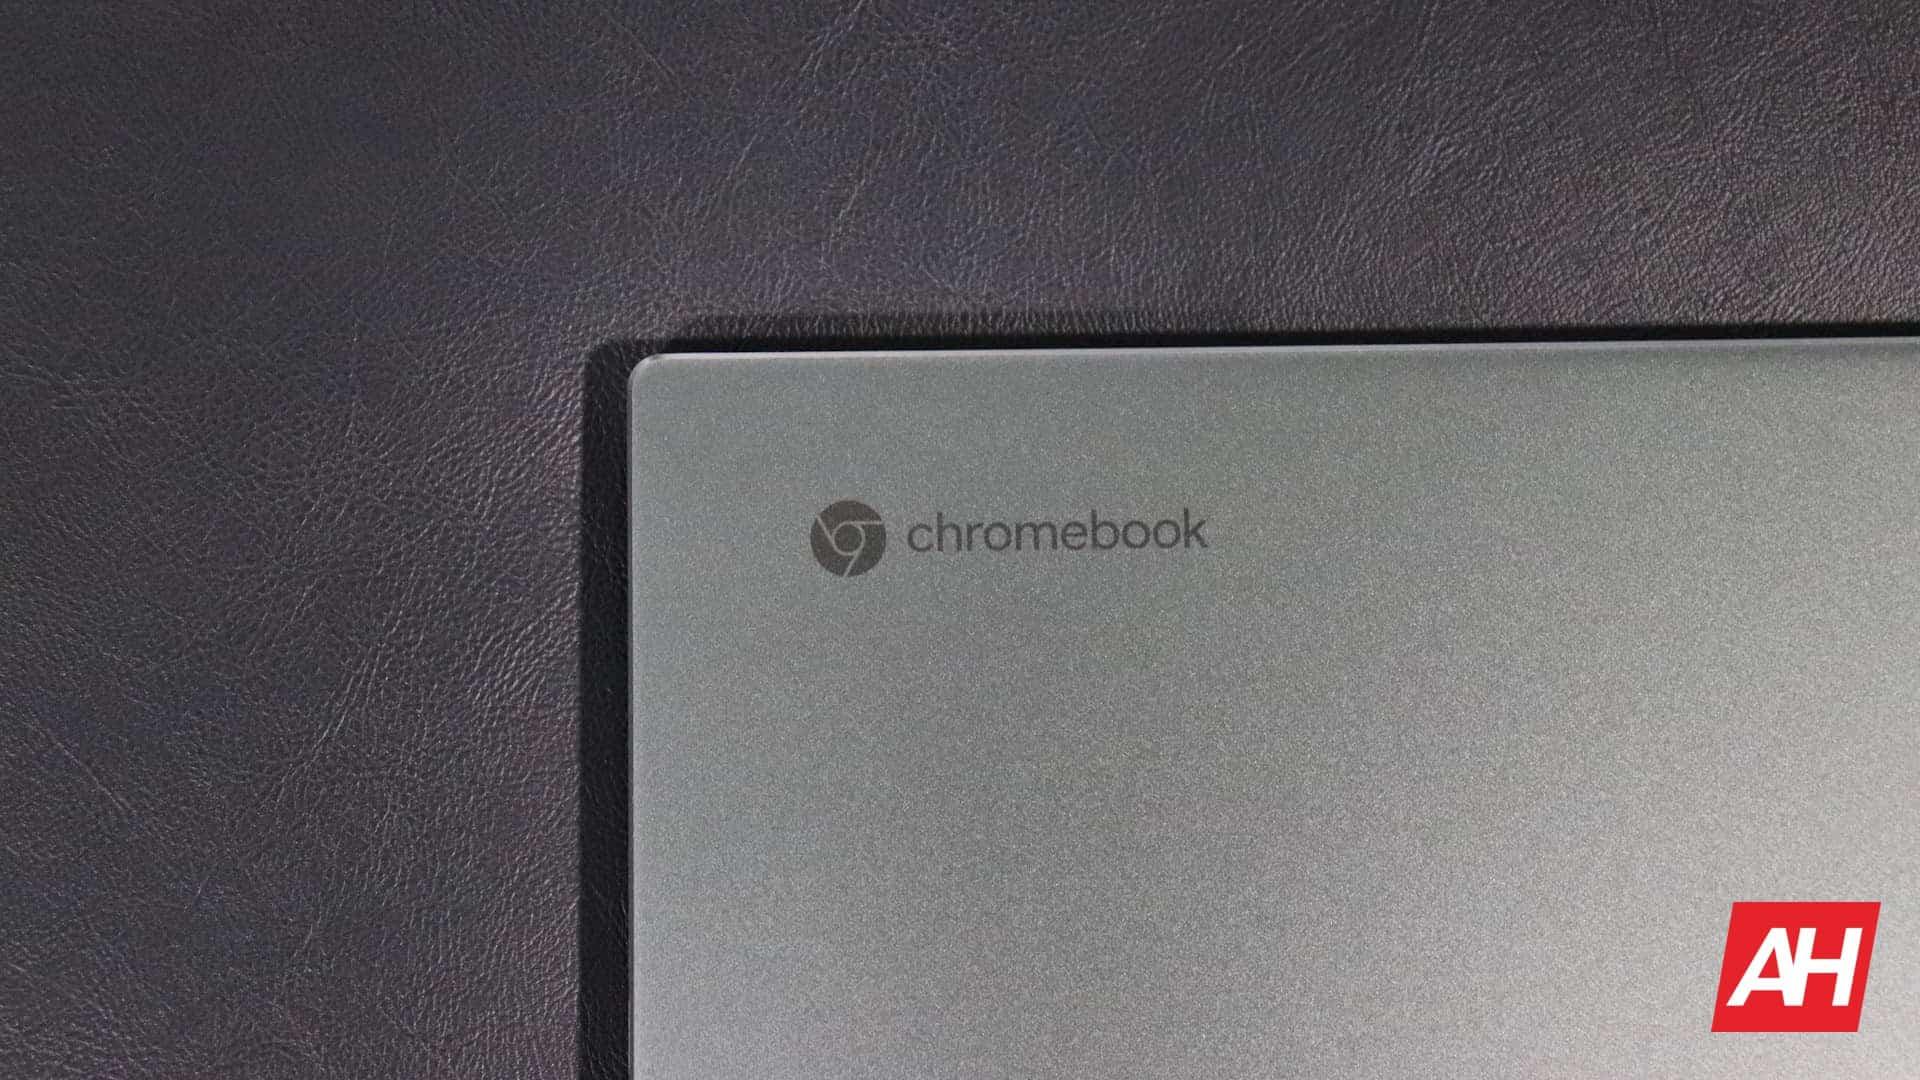 Цикл обновления Chromebook сильно меняется к лучшему 1